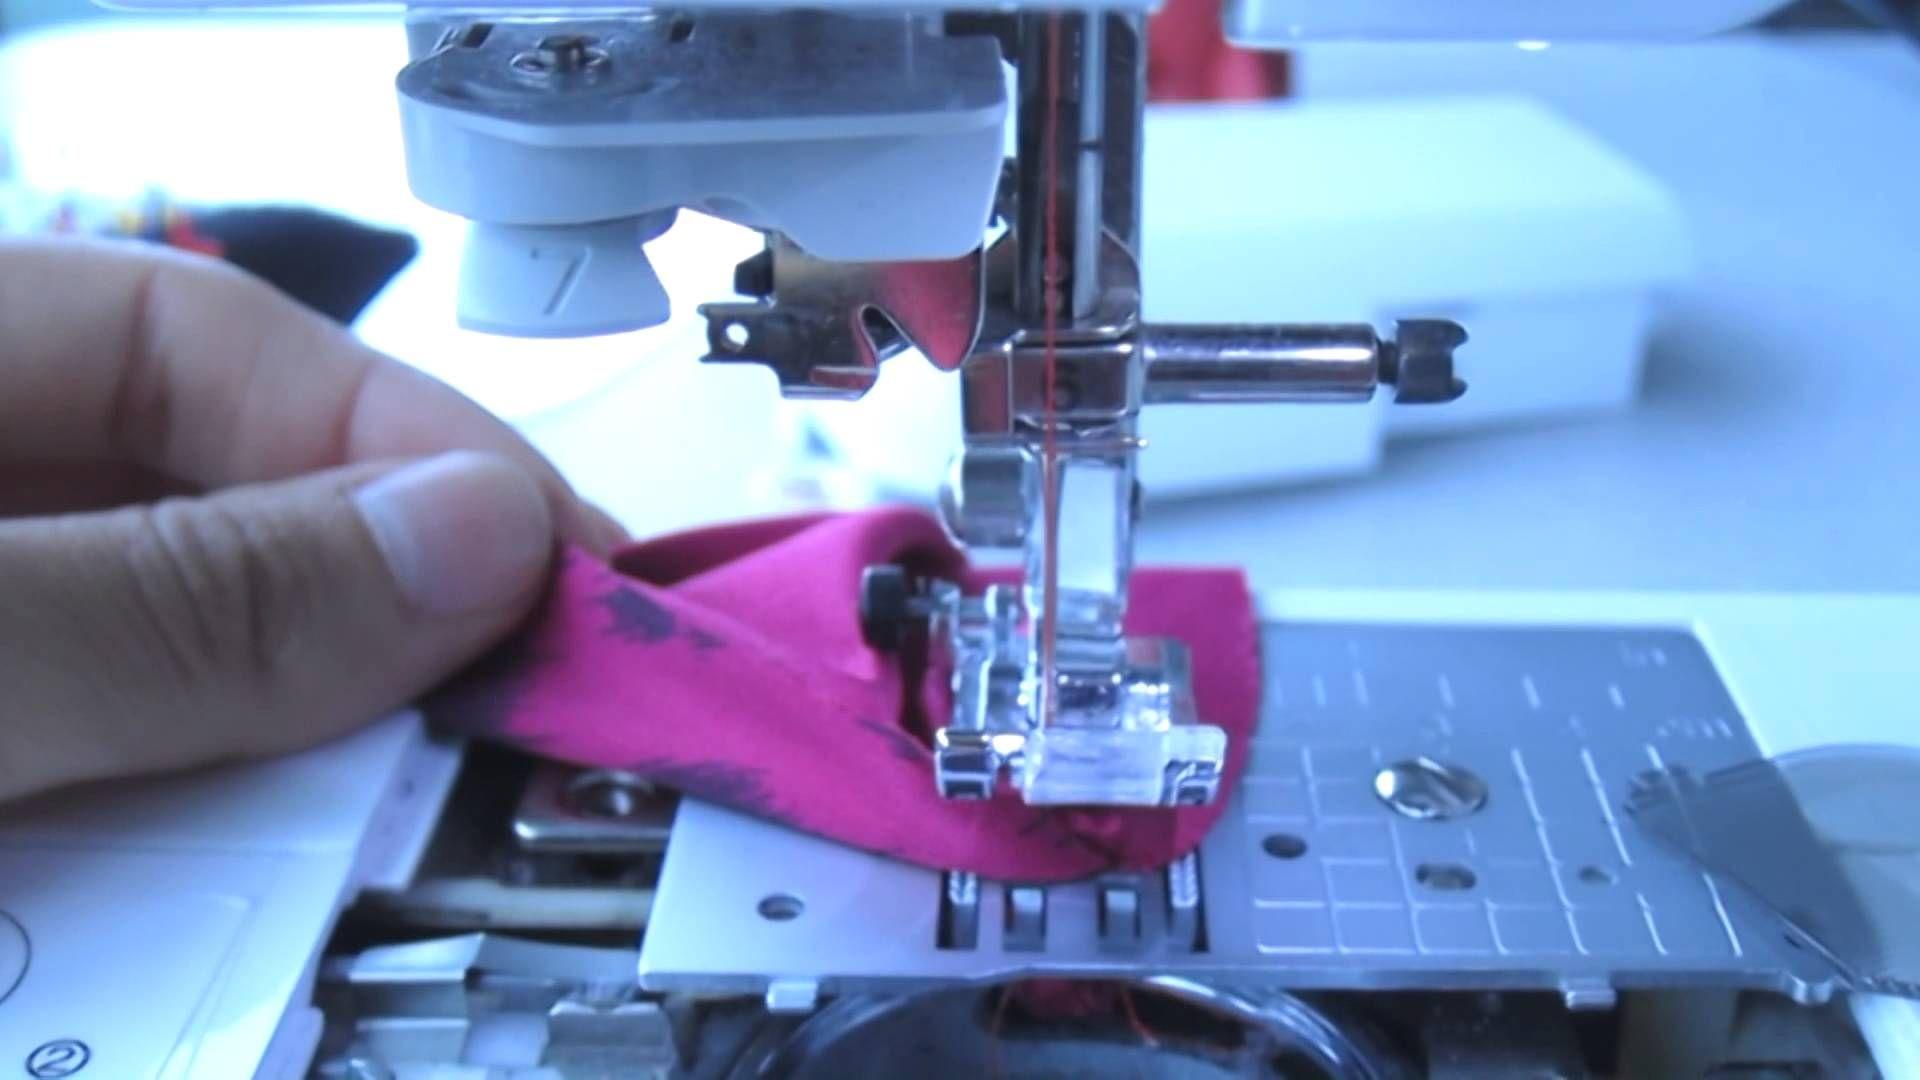 Pin de Argentina Ferro en mi maquina de coser | Maquina de